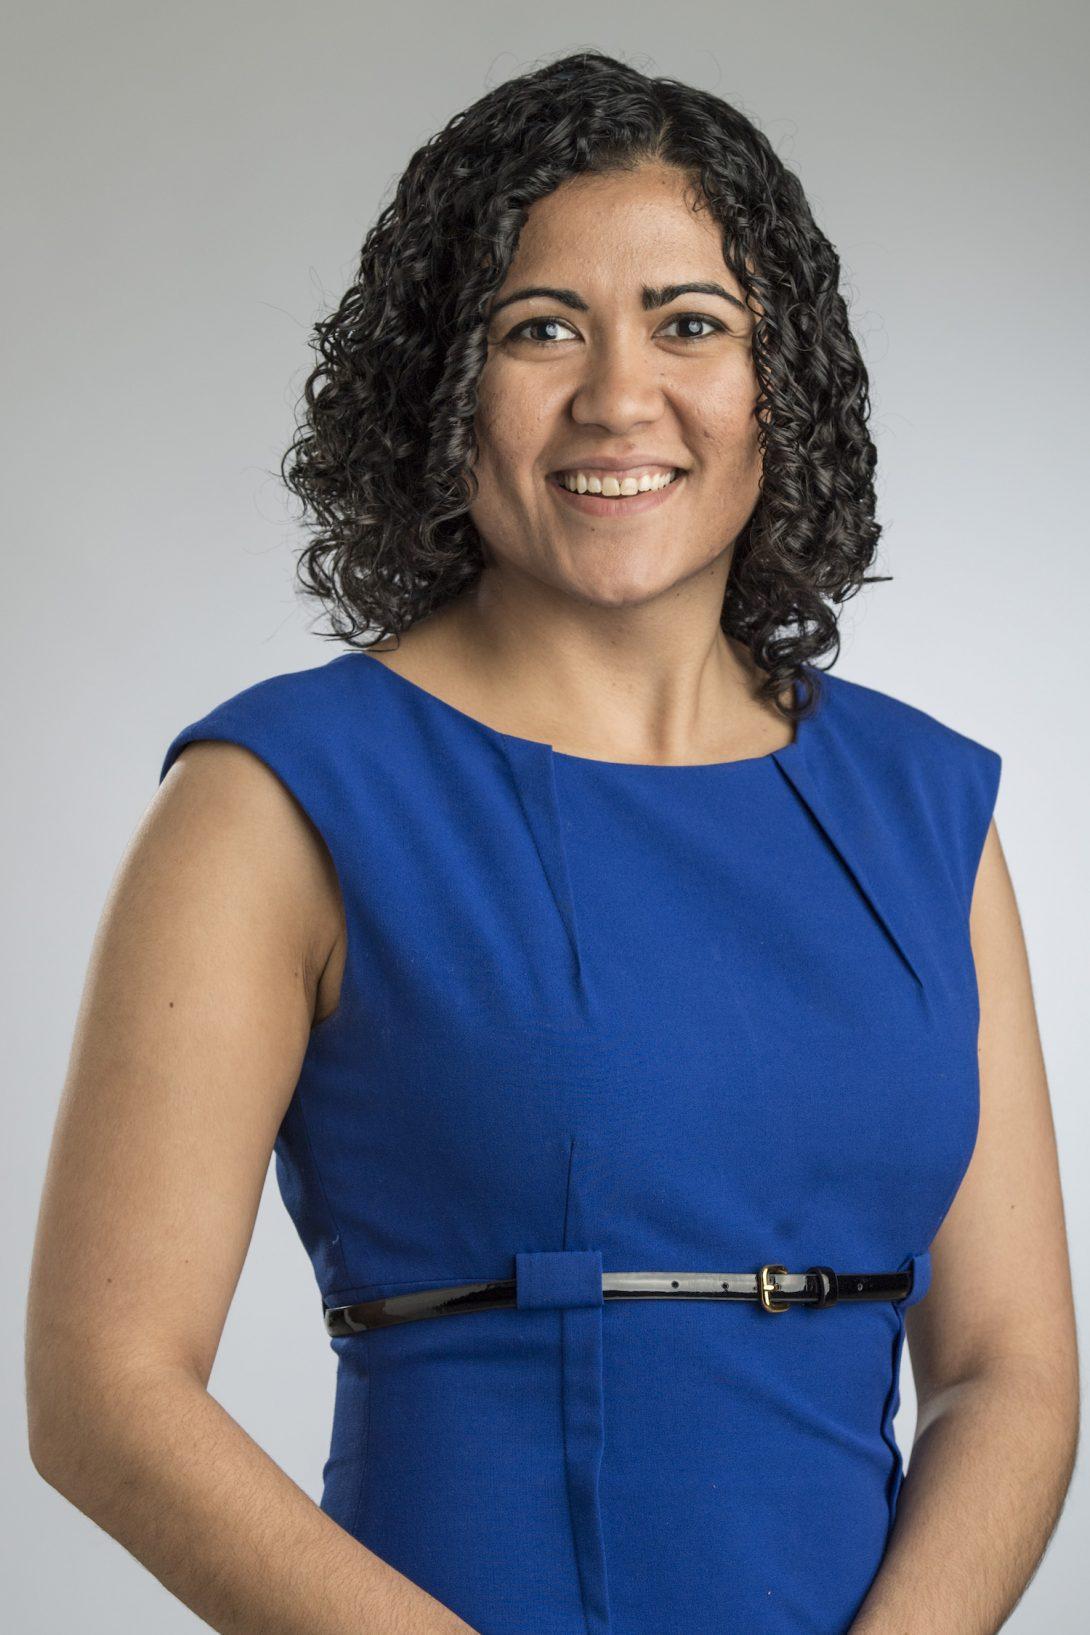 Melissa Abad